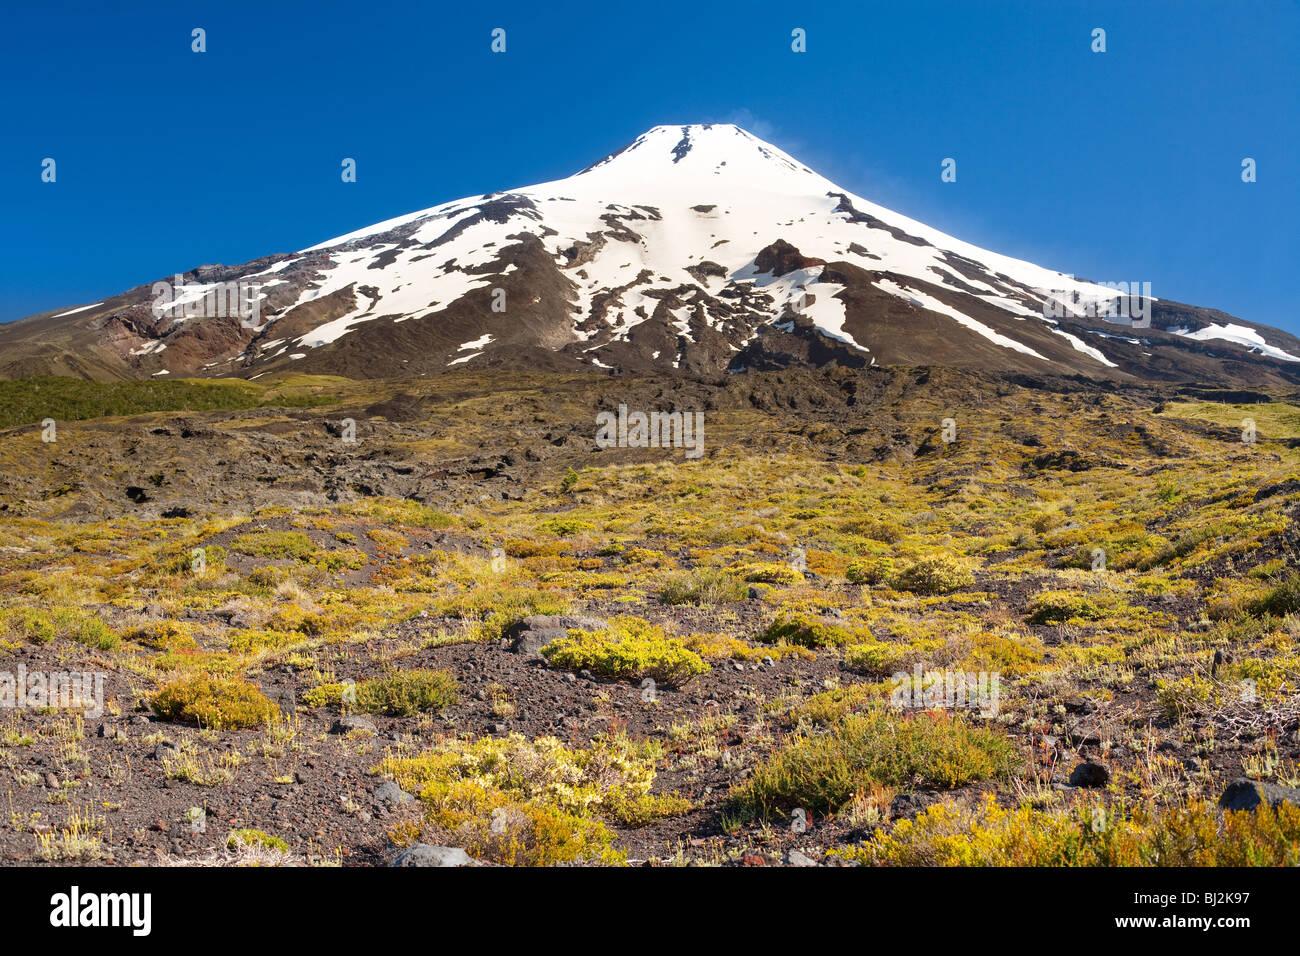 Villarrica volcano, Chile, South America - Stock Image